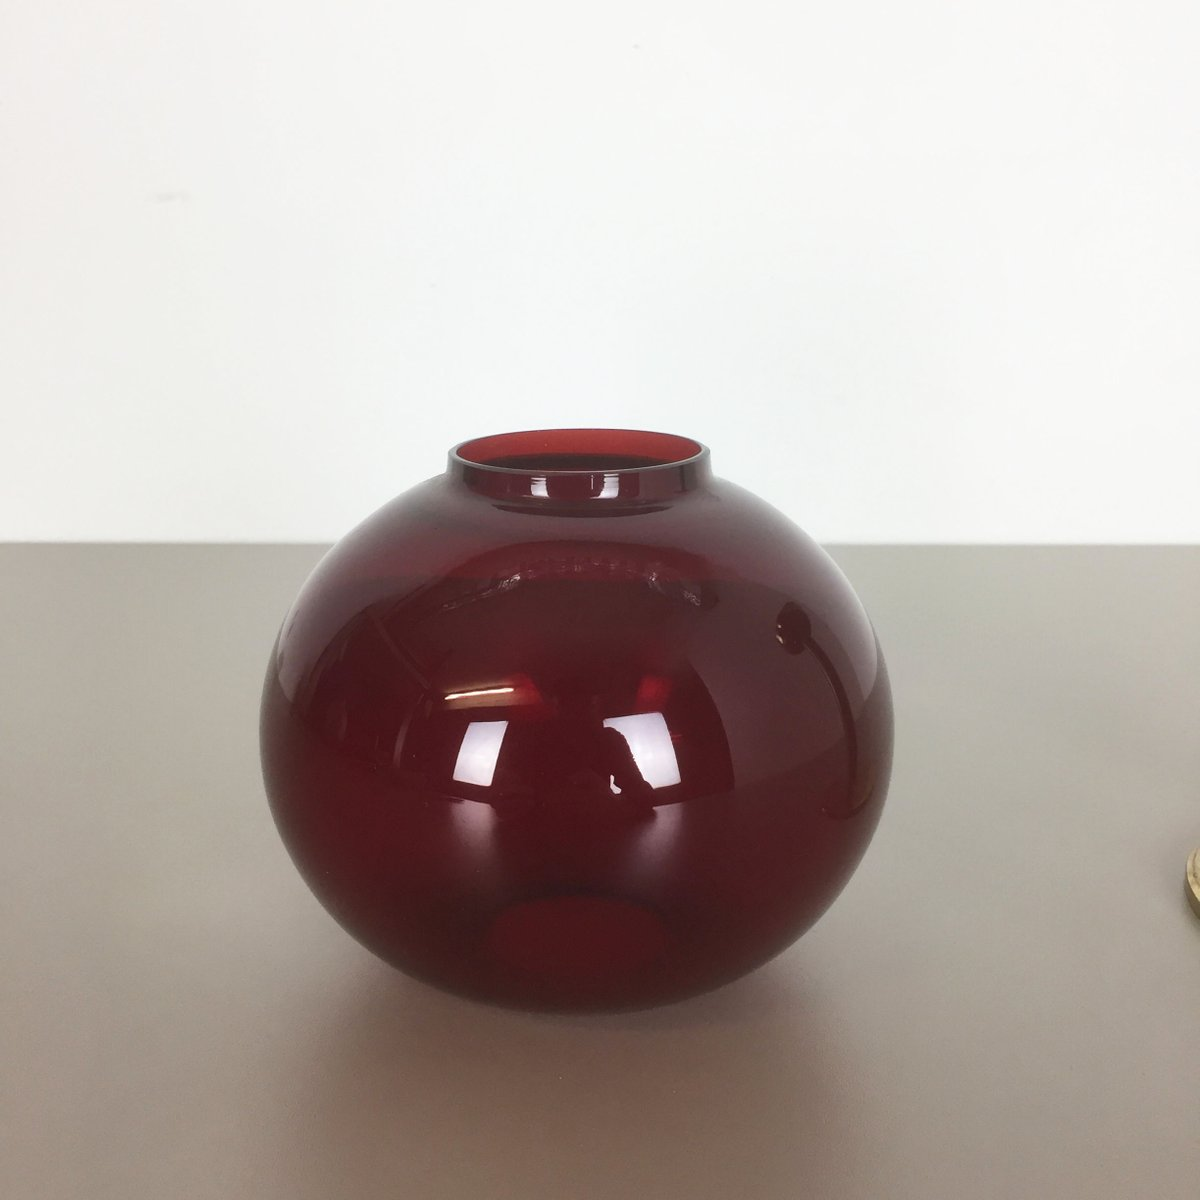 kerzenst nder aus rotem glas und messing von hans agne. Black Bedroom Furniture Sets. Home Design Ideas